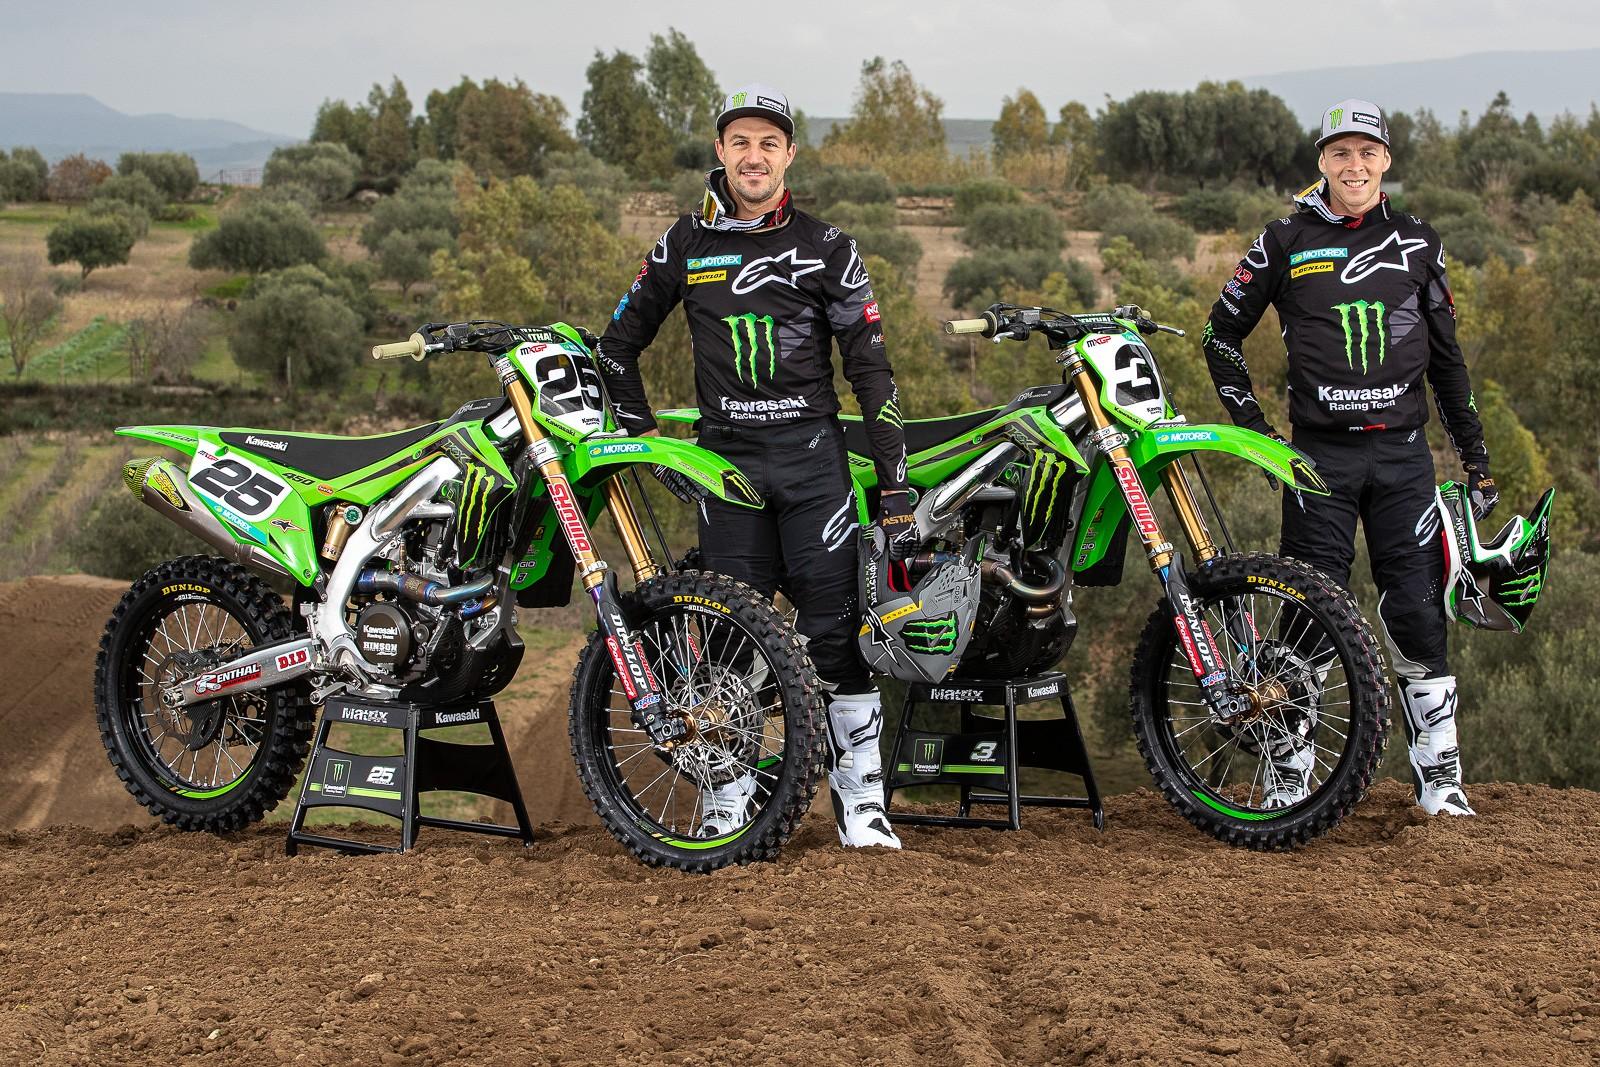 Clement Desalle and Romain Febvre - 2020 Monster Energy KRT Team Preview - Motocross Pictures - Vital MX